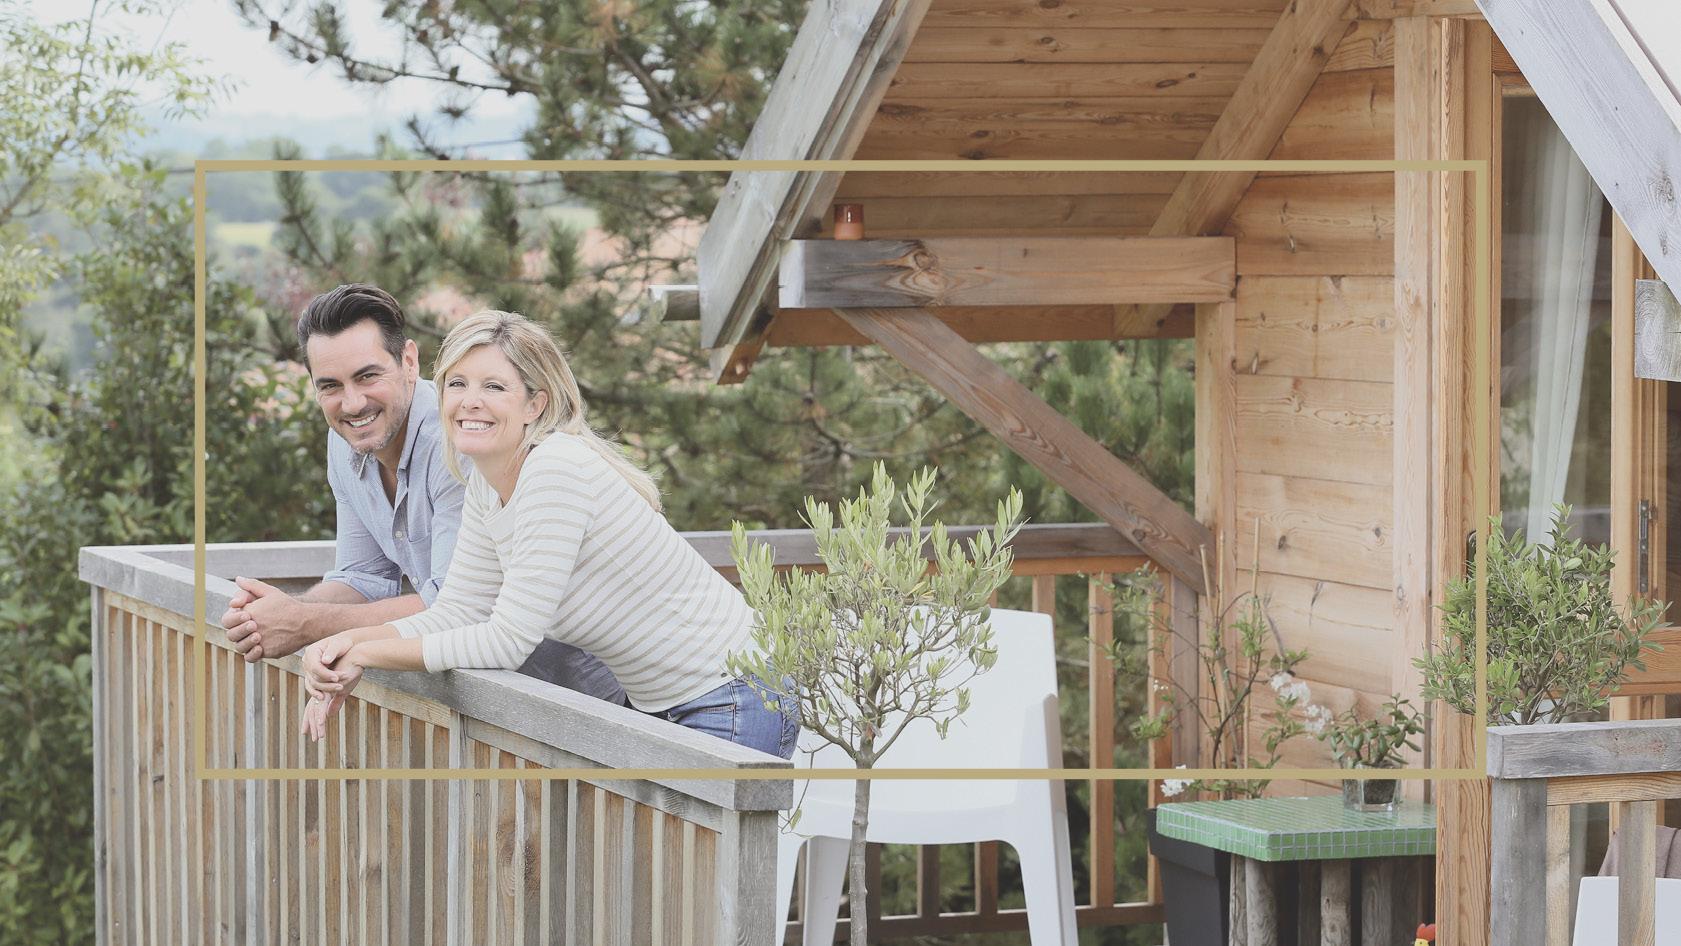 Conseils immobiliers en regard de la résidence secondaire